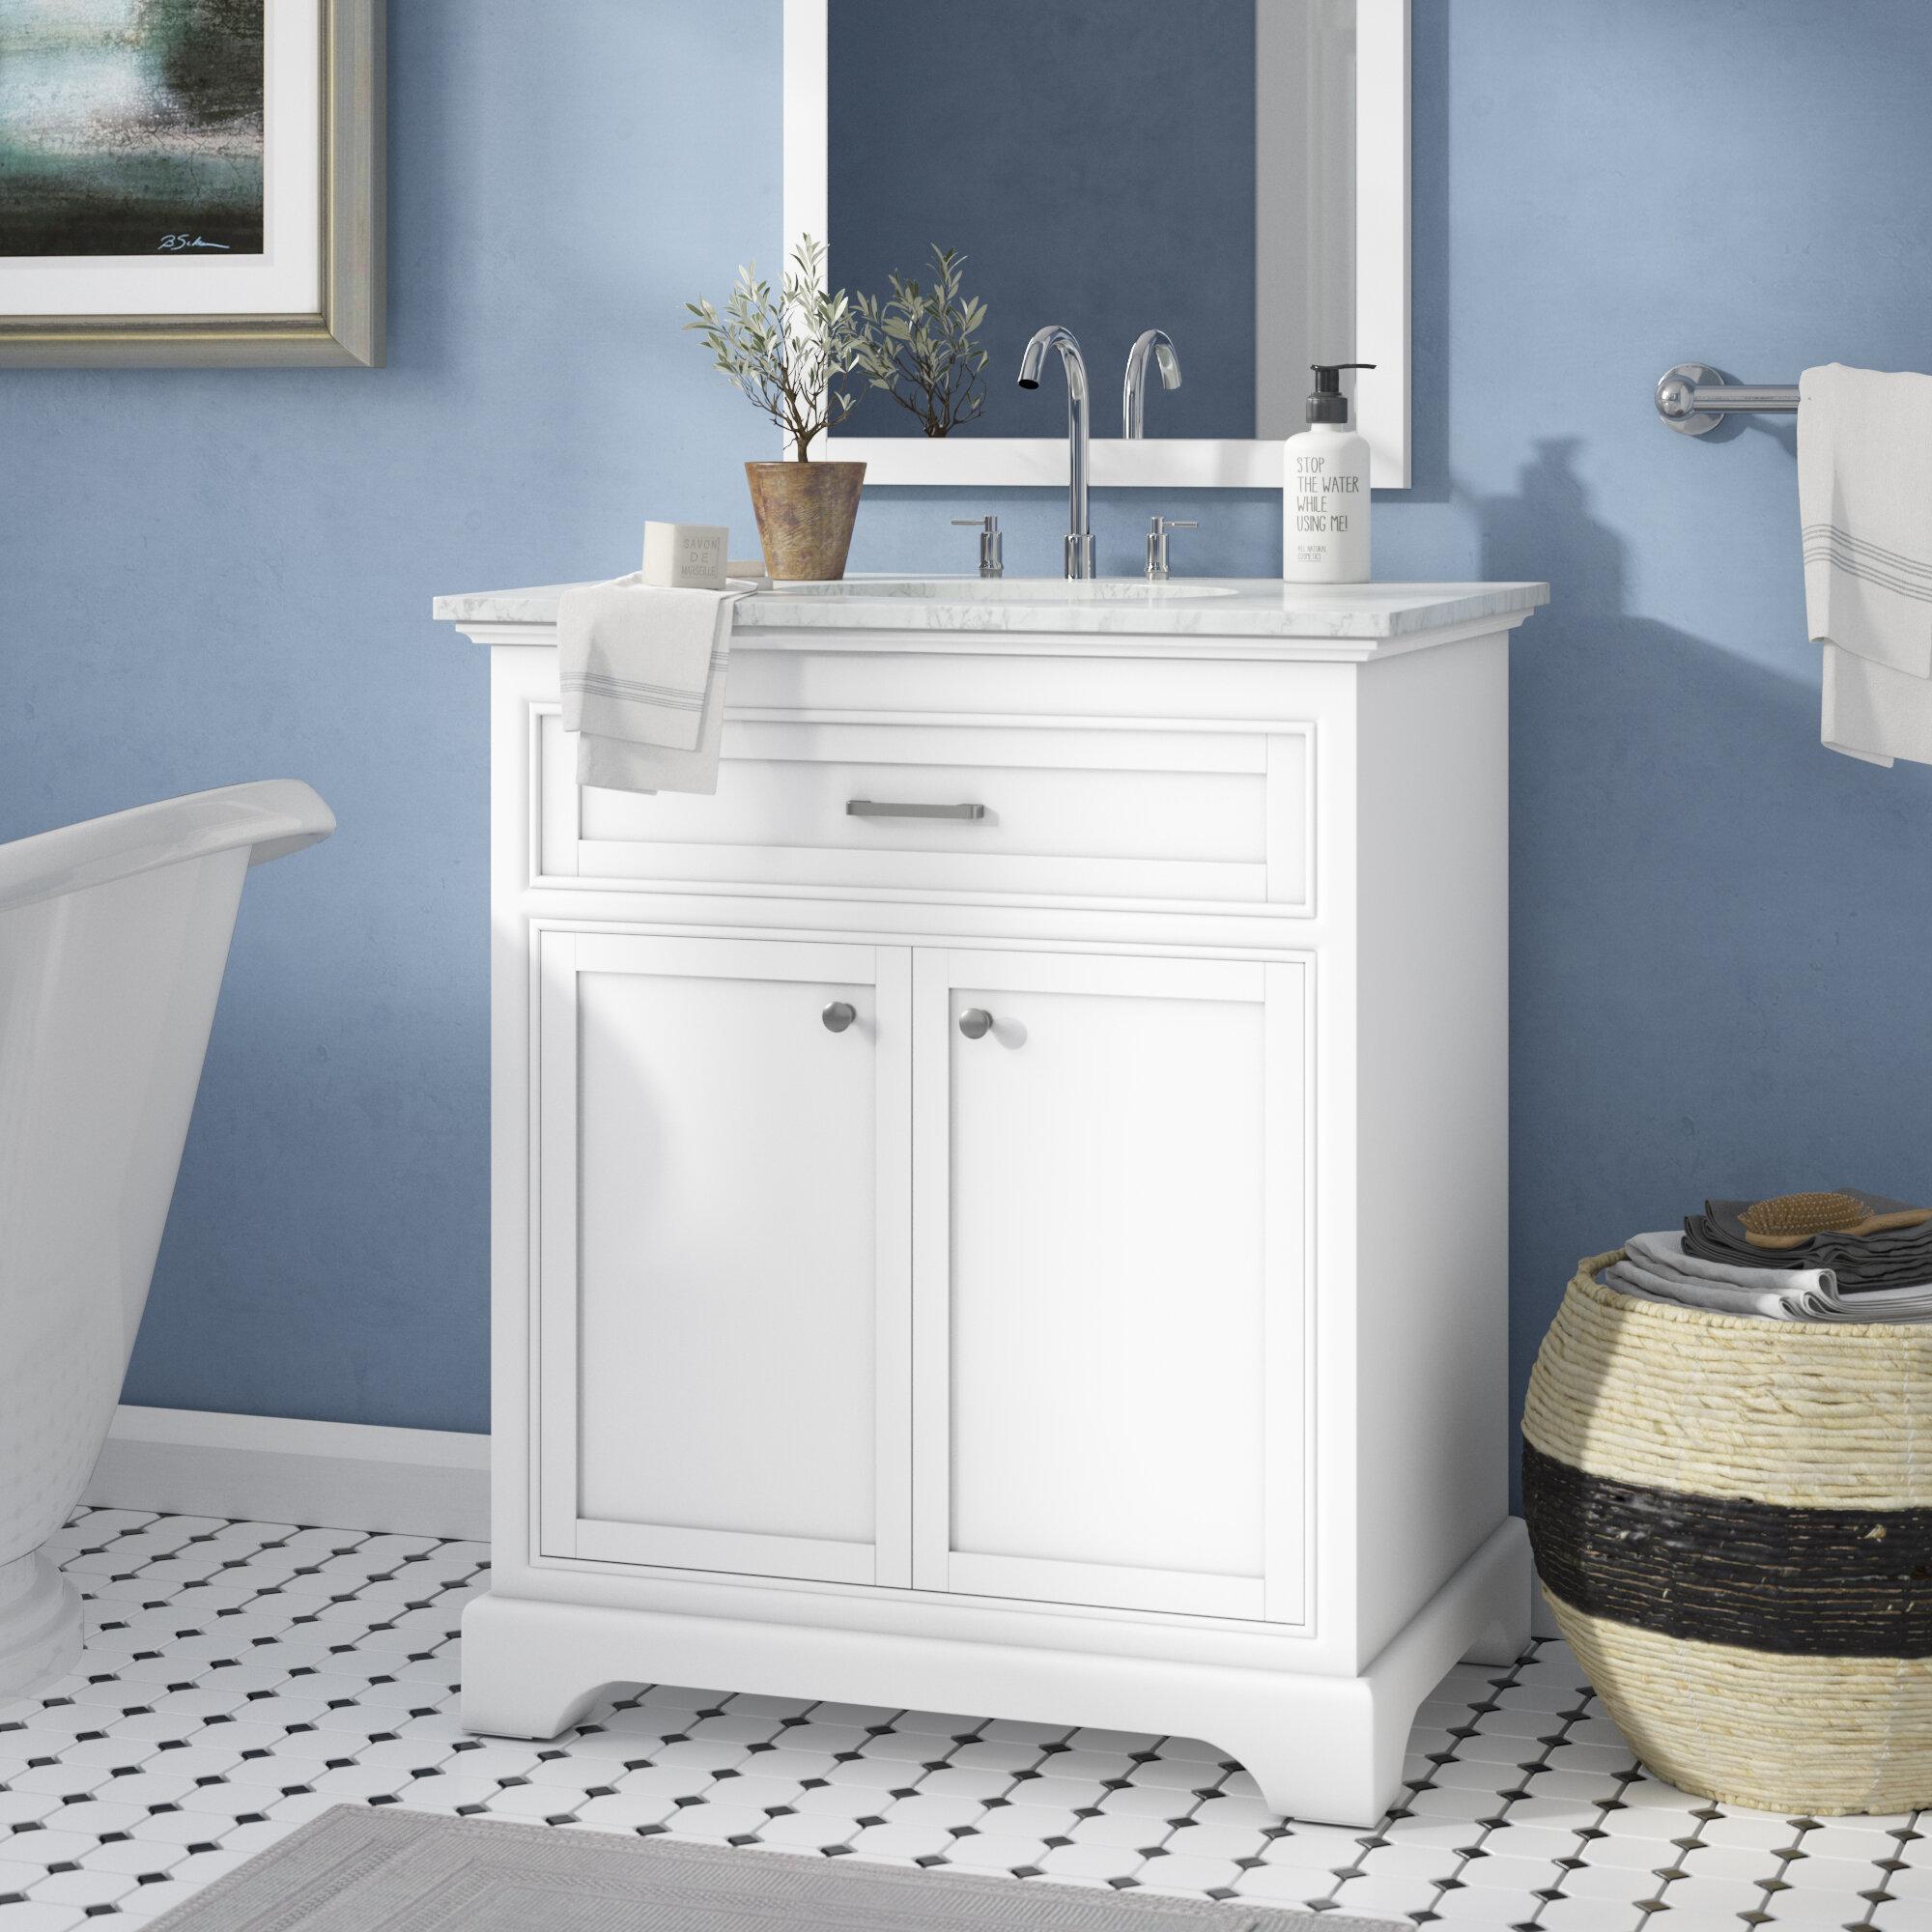 Bathroom Vanities  Up to 9% Off Through 9/9  Wayfair